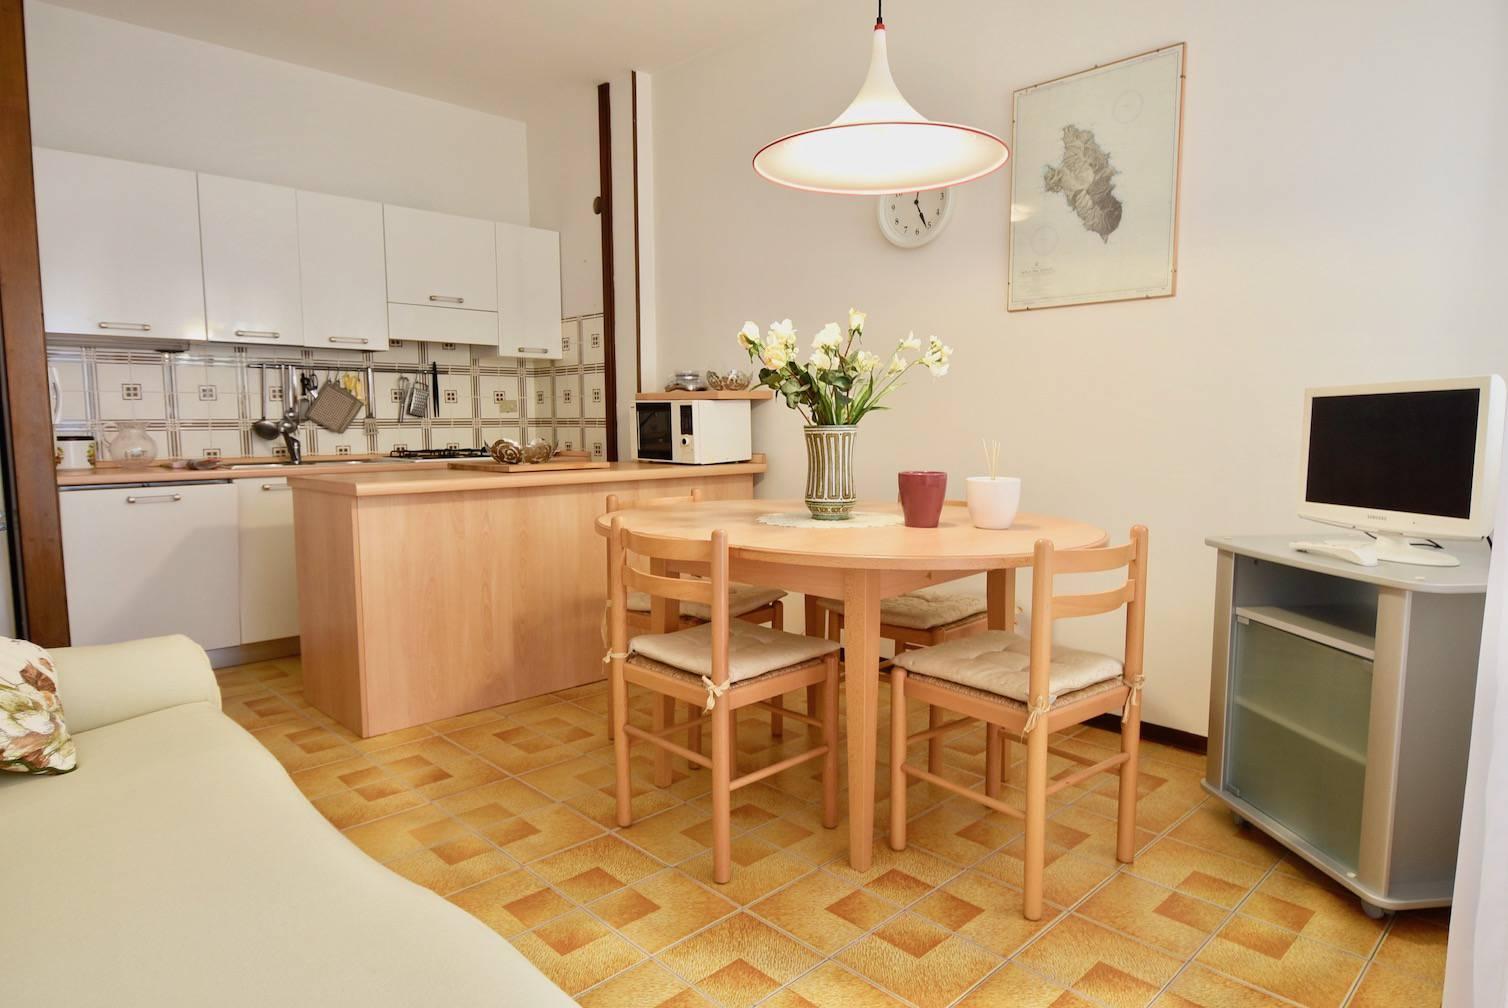 cucina-e-soggiorno-appartamento-jesolo-1910886022.jpeg